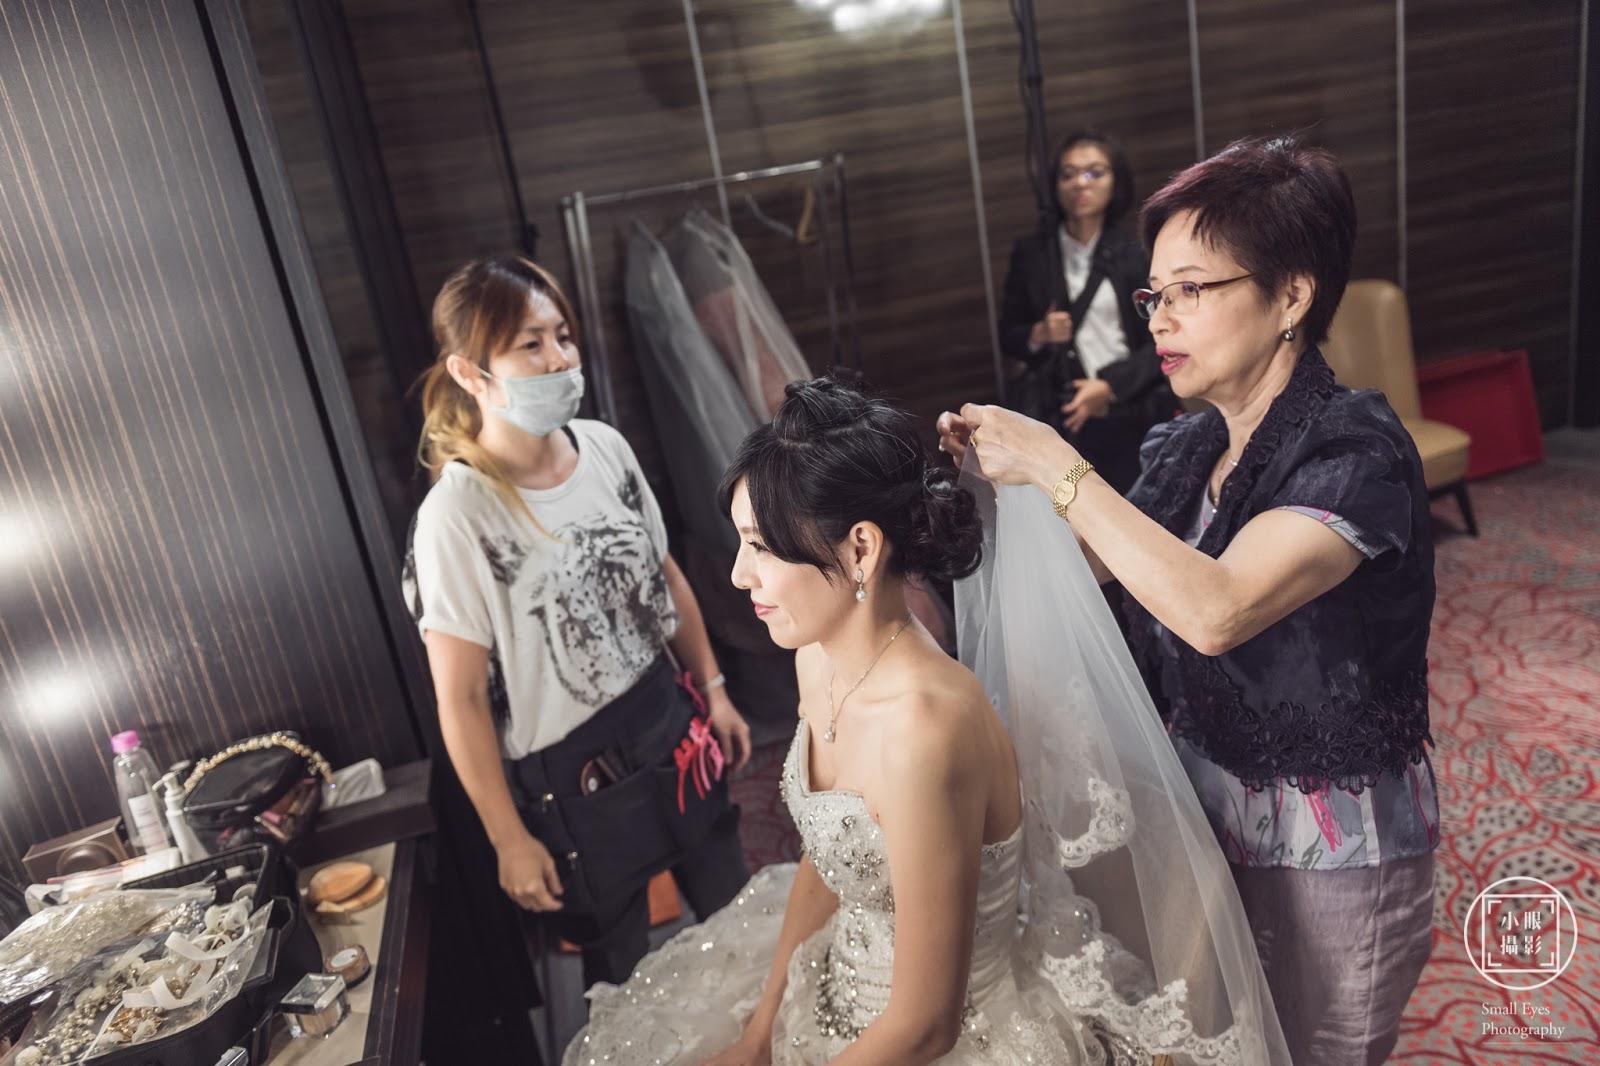 婚攝,小眼攝影,婚禮紀實,婚禮紀錄,婚紗,國內婚紗,海外婚紗,寫真,婚攝小眼,華漾大飯